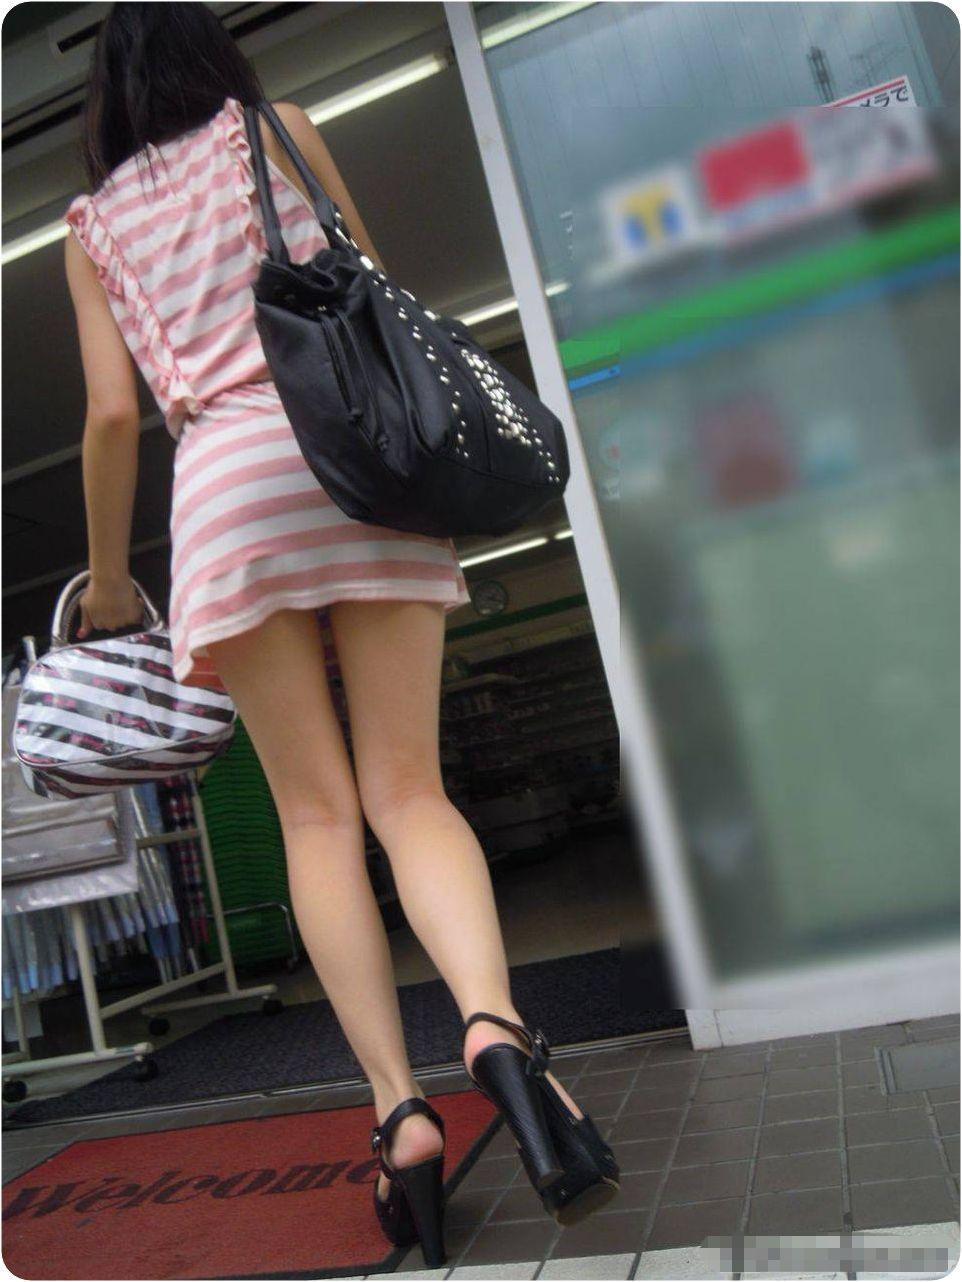 【美脚エロ画像】その美脚だけで惚れる!目撃したらもう夢中な街の下半身www 09